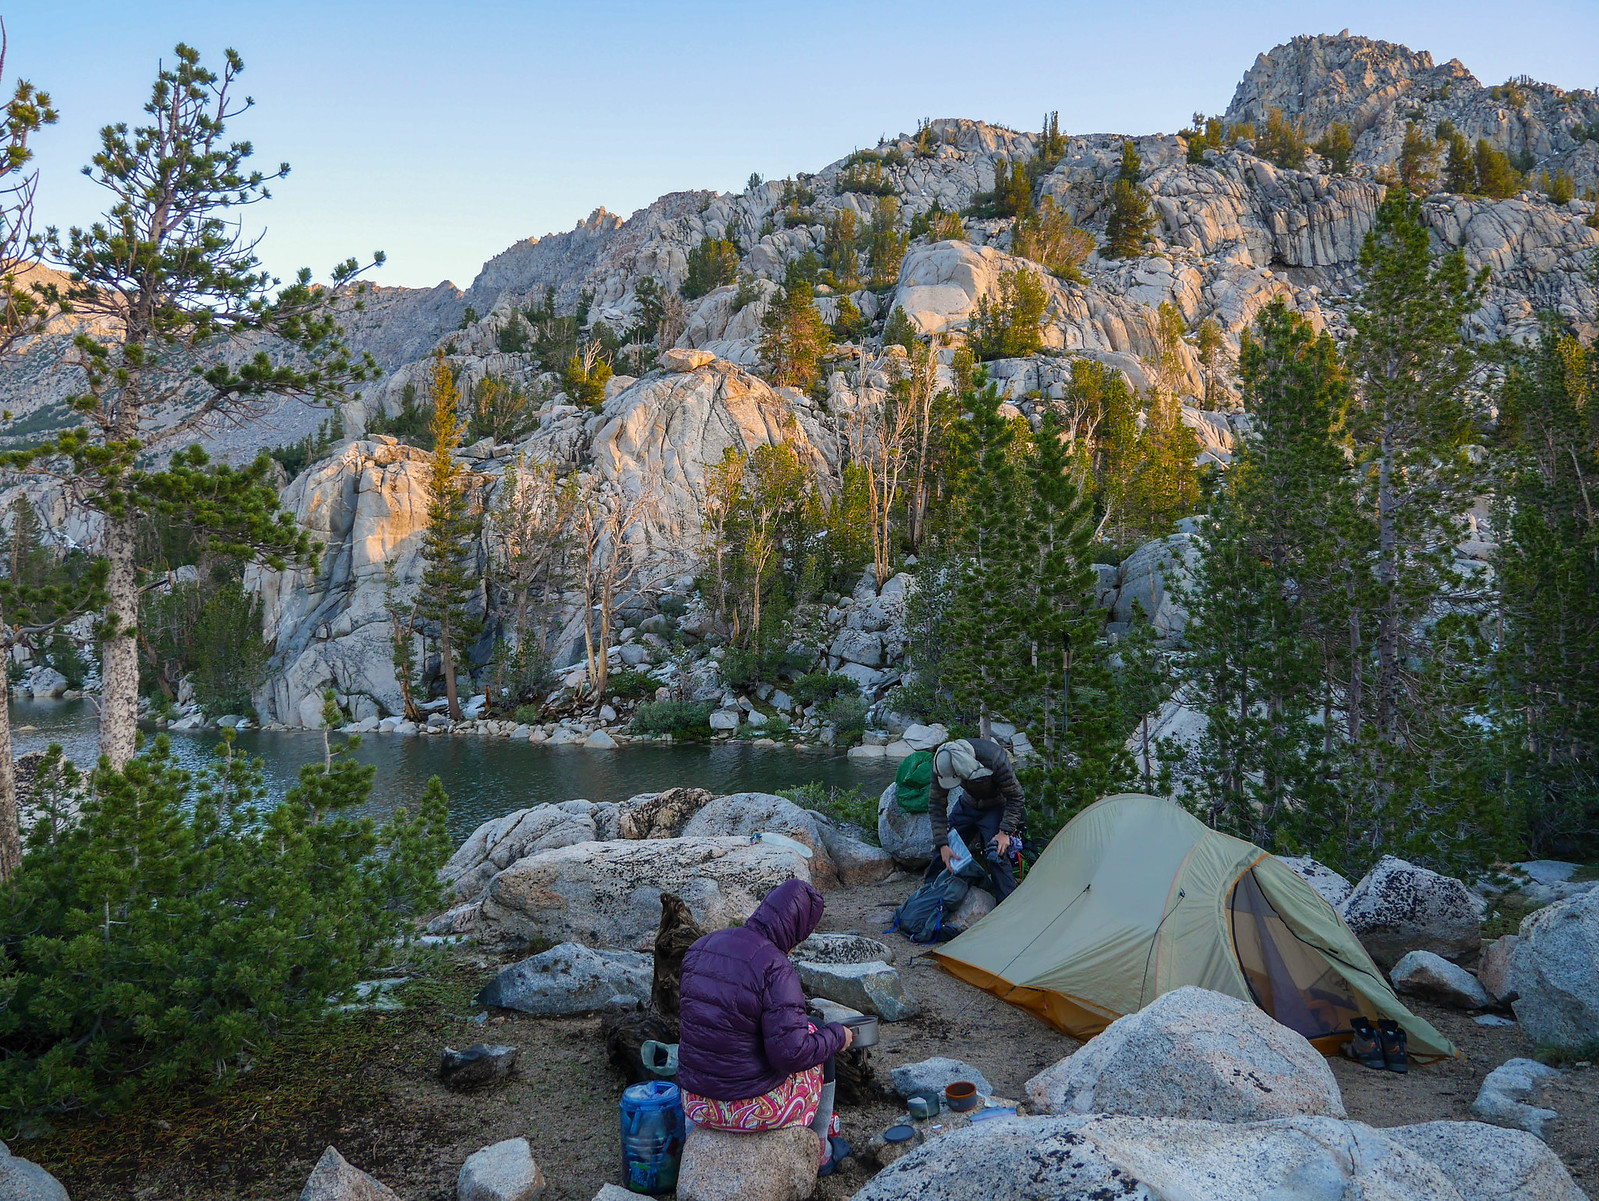 Breakfast at camp at Lower Lamarck Lake